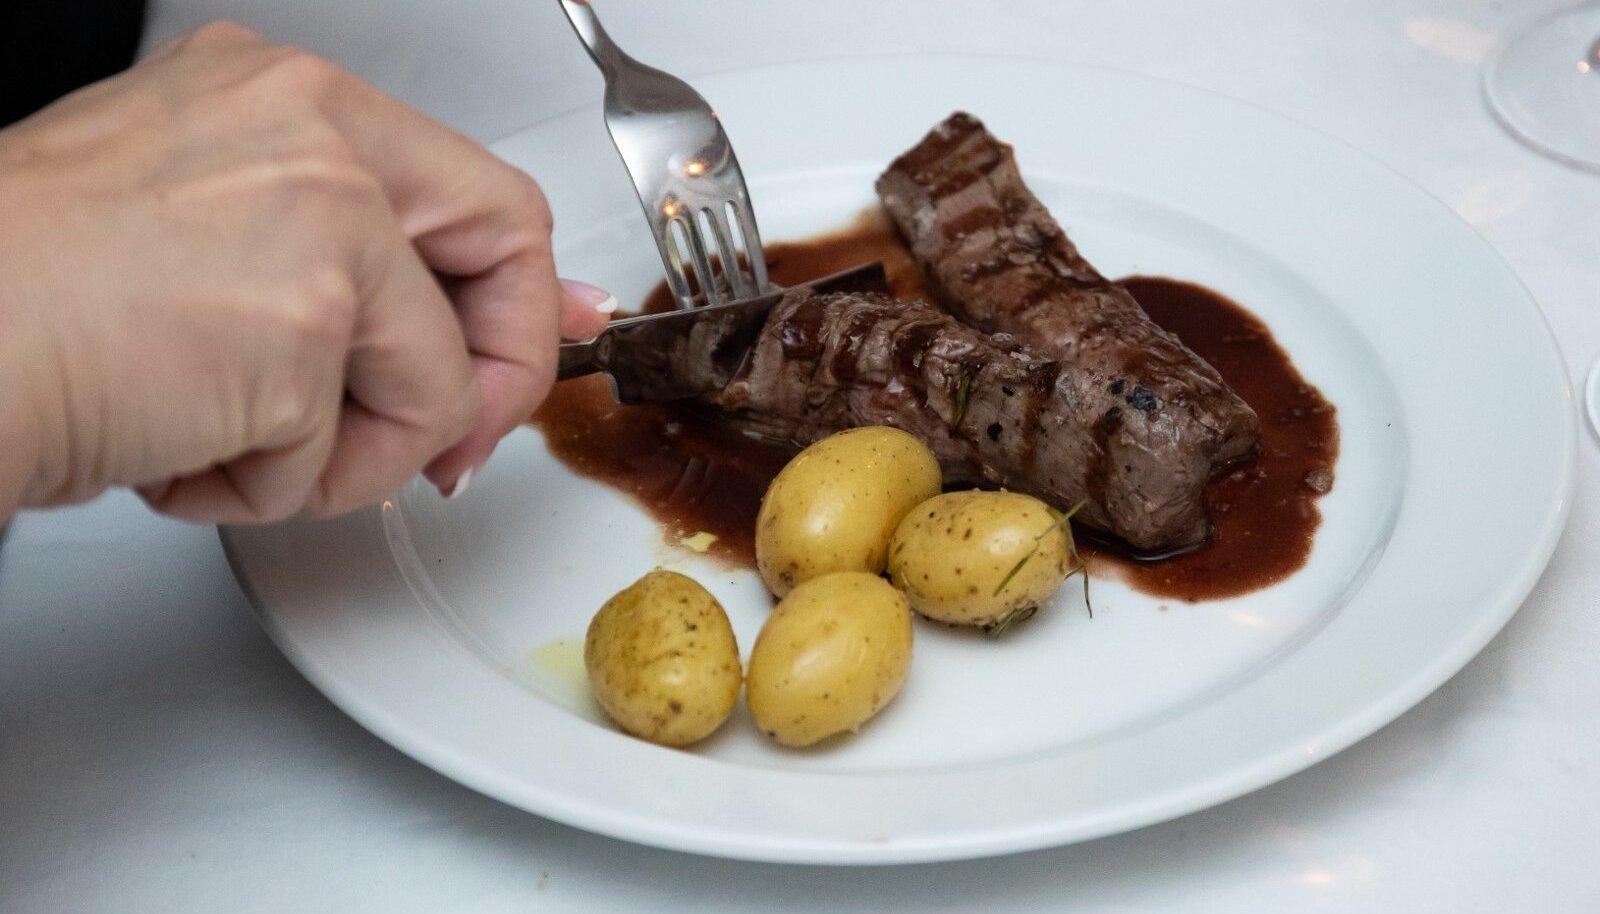 Eesti inimesed on toiduohutusest huvitatud rohkem kui eurooplased keskmiselt.